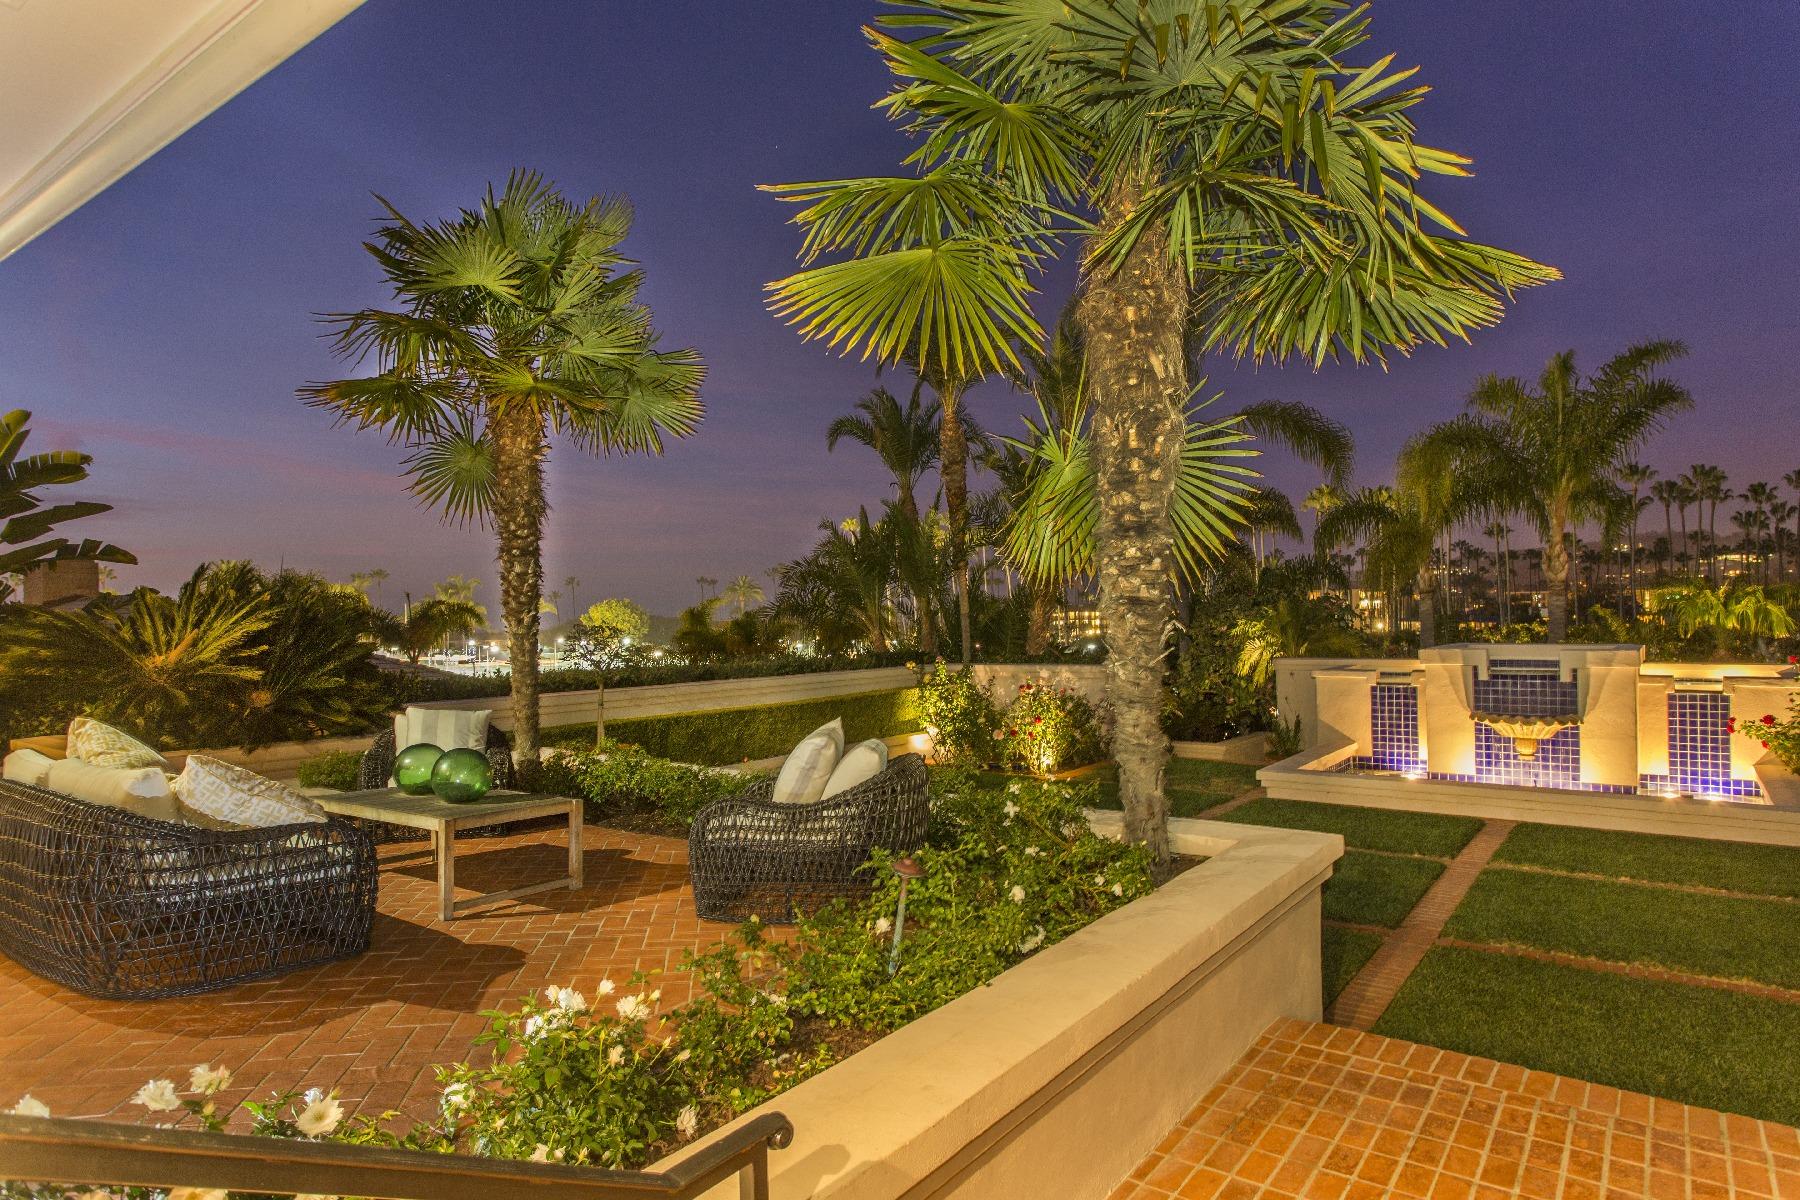 Частный односемейный дом для того Продажа на 7956 Avenida Alamar La Jolla, Калифорния 92037 Соединенные Штаты